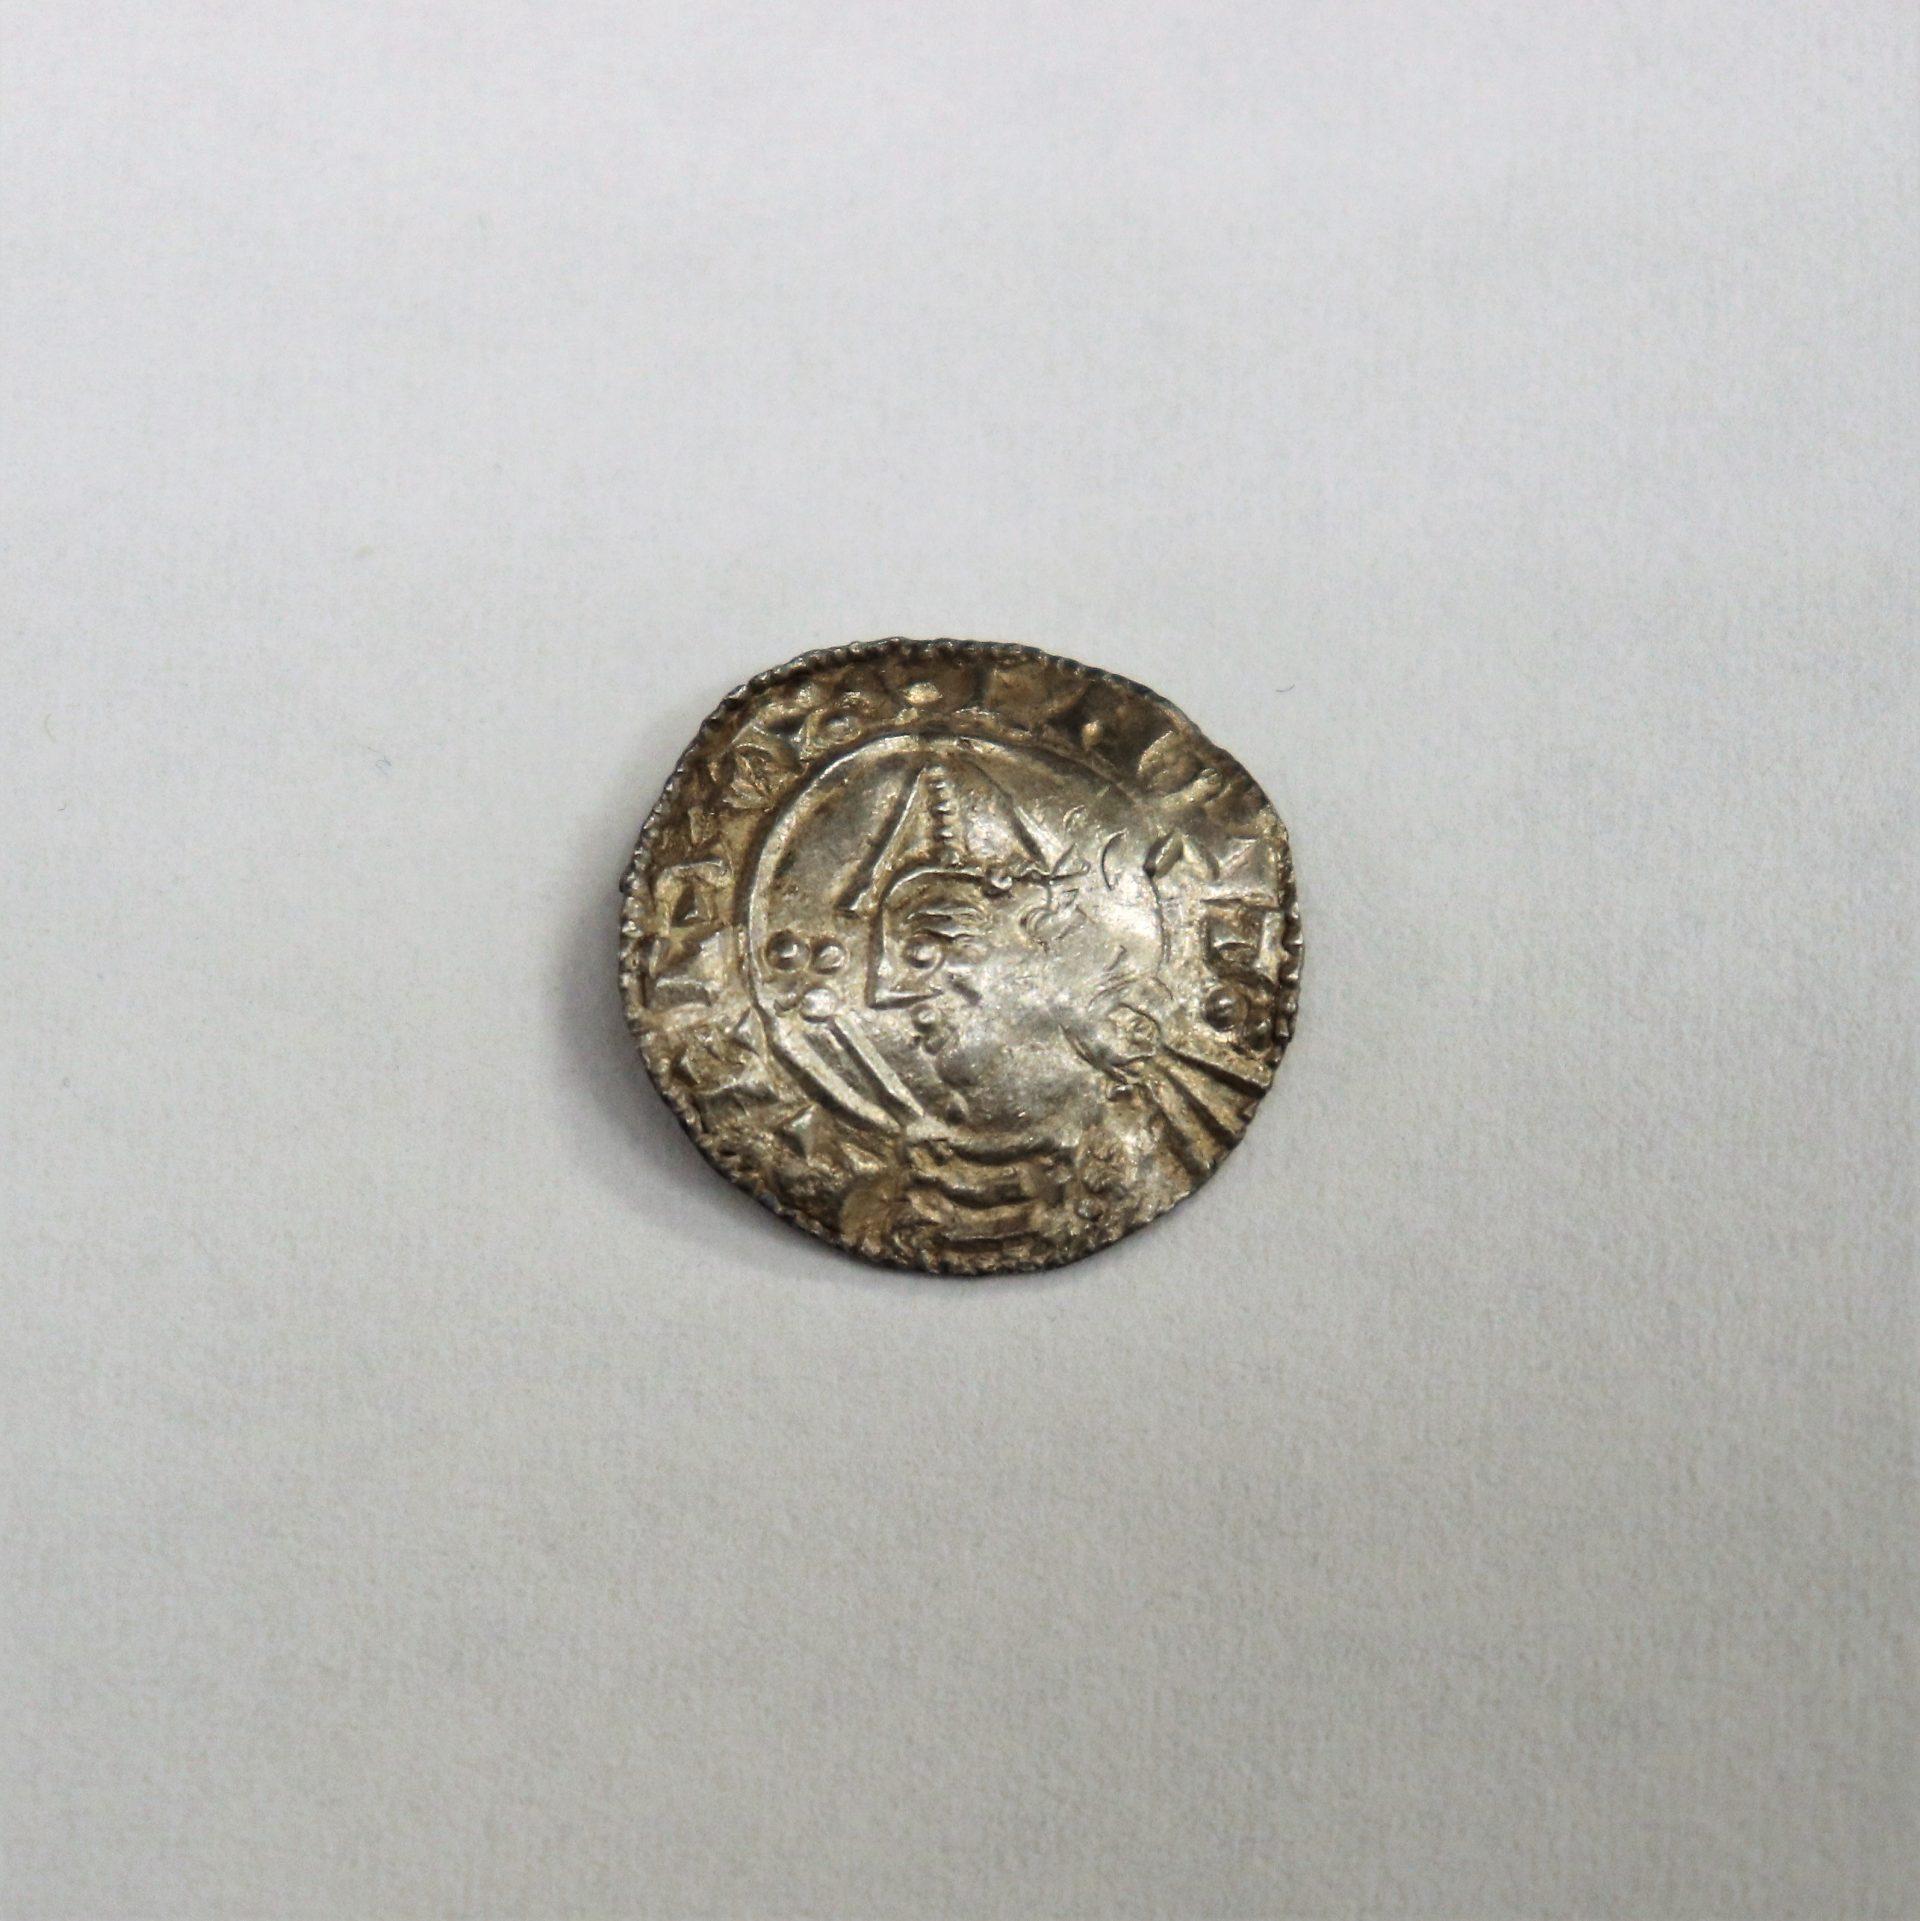 Silverfärgat mynt. I mitten ett ansikte med toppig hatt. Text runt kanten.